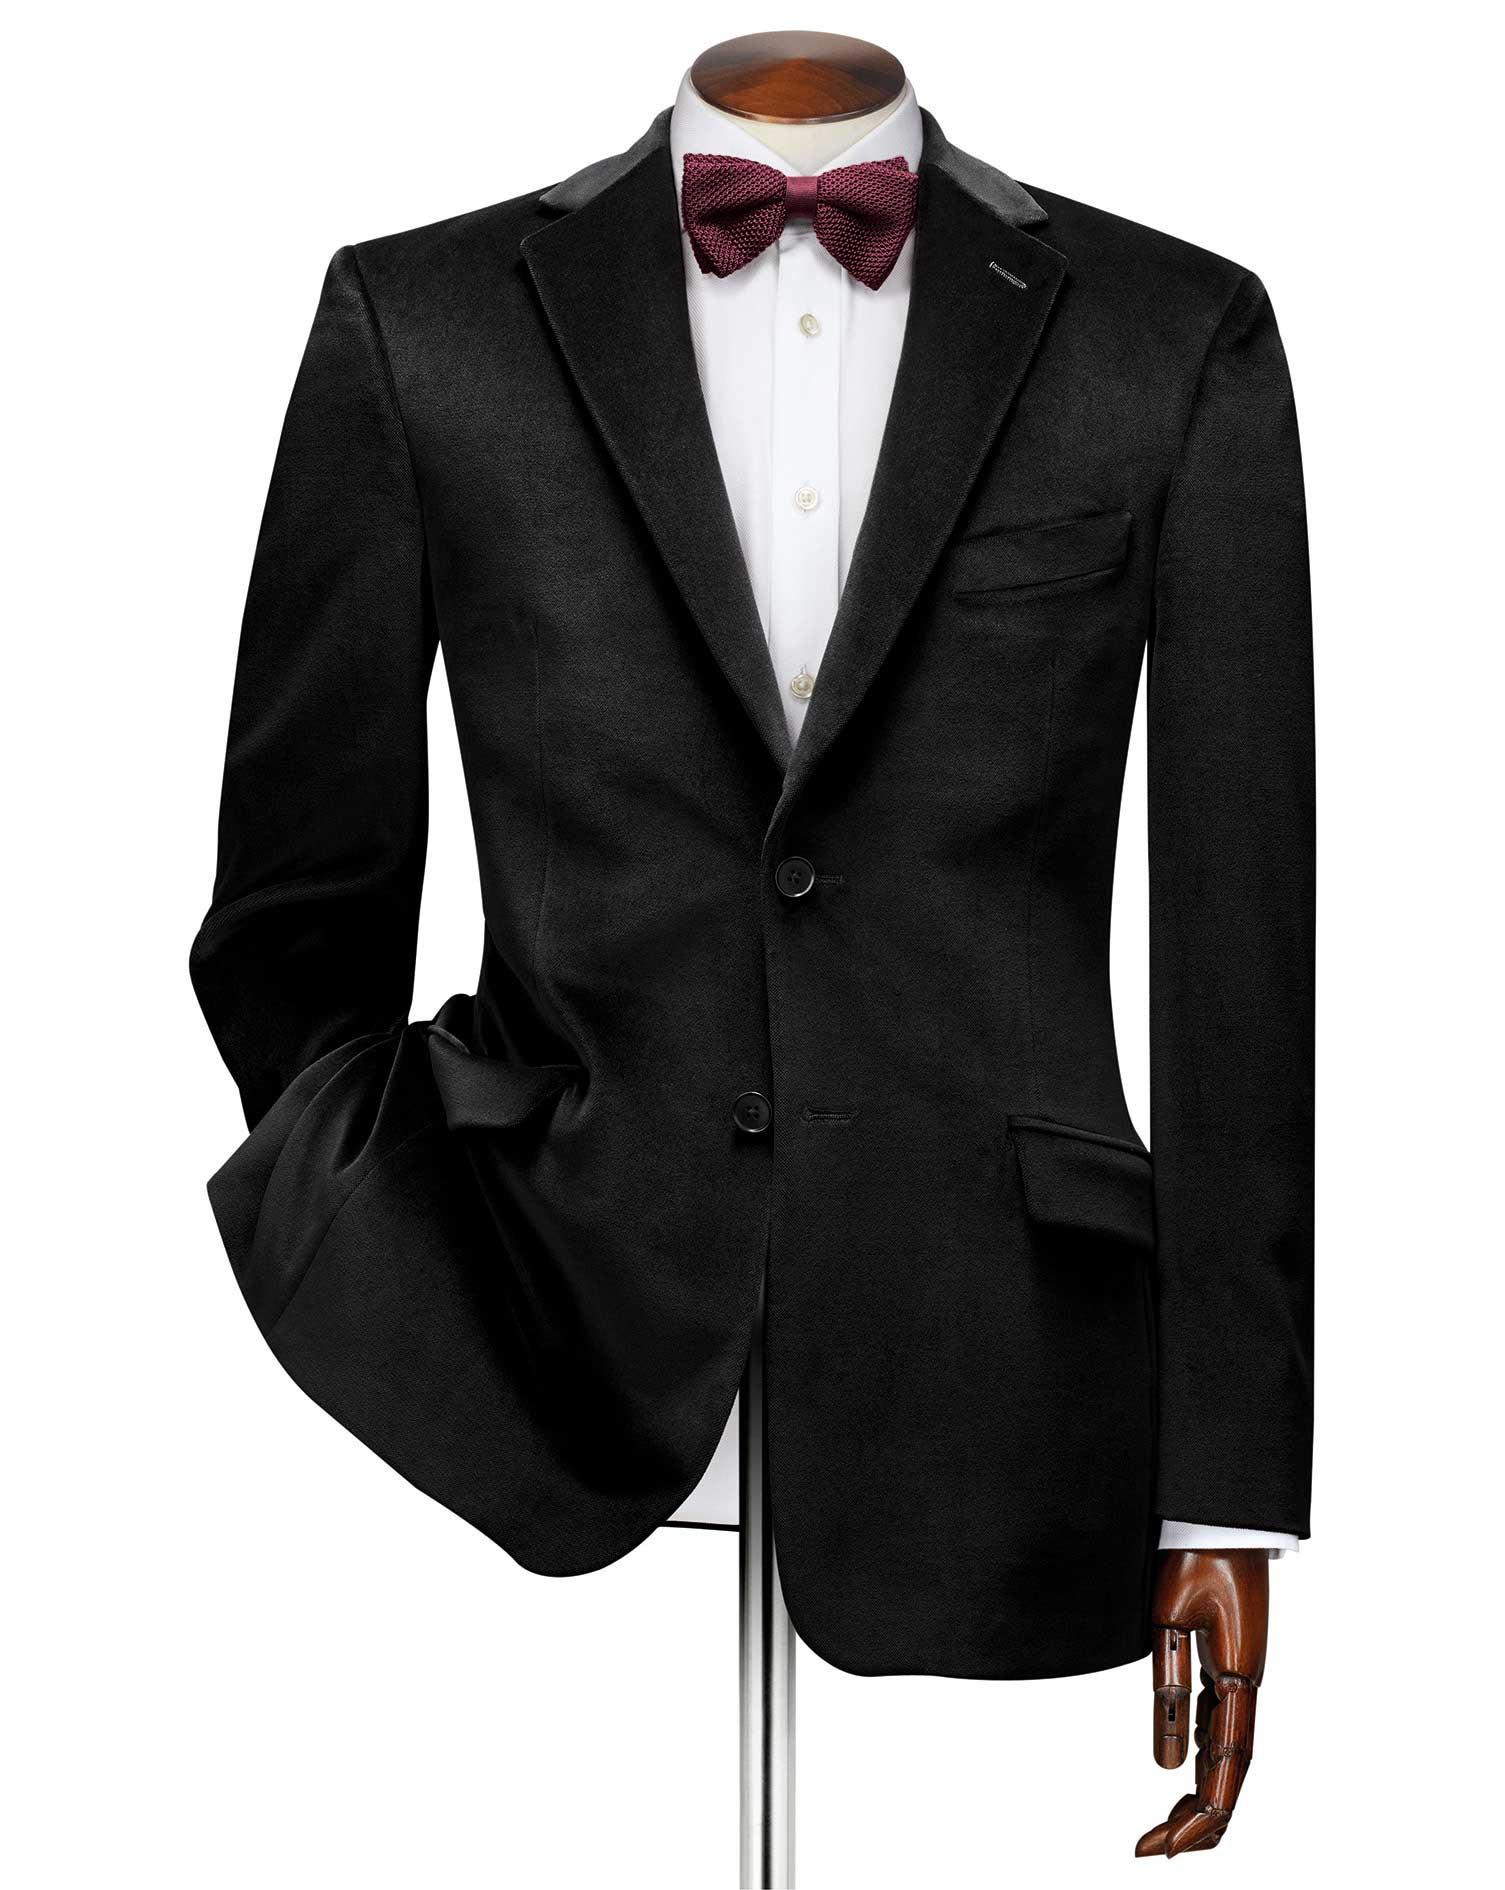 Slim Fit Black Velvet Cotton Jacket Size 42 Long by Charles Tyrwhitt